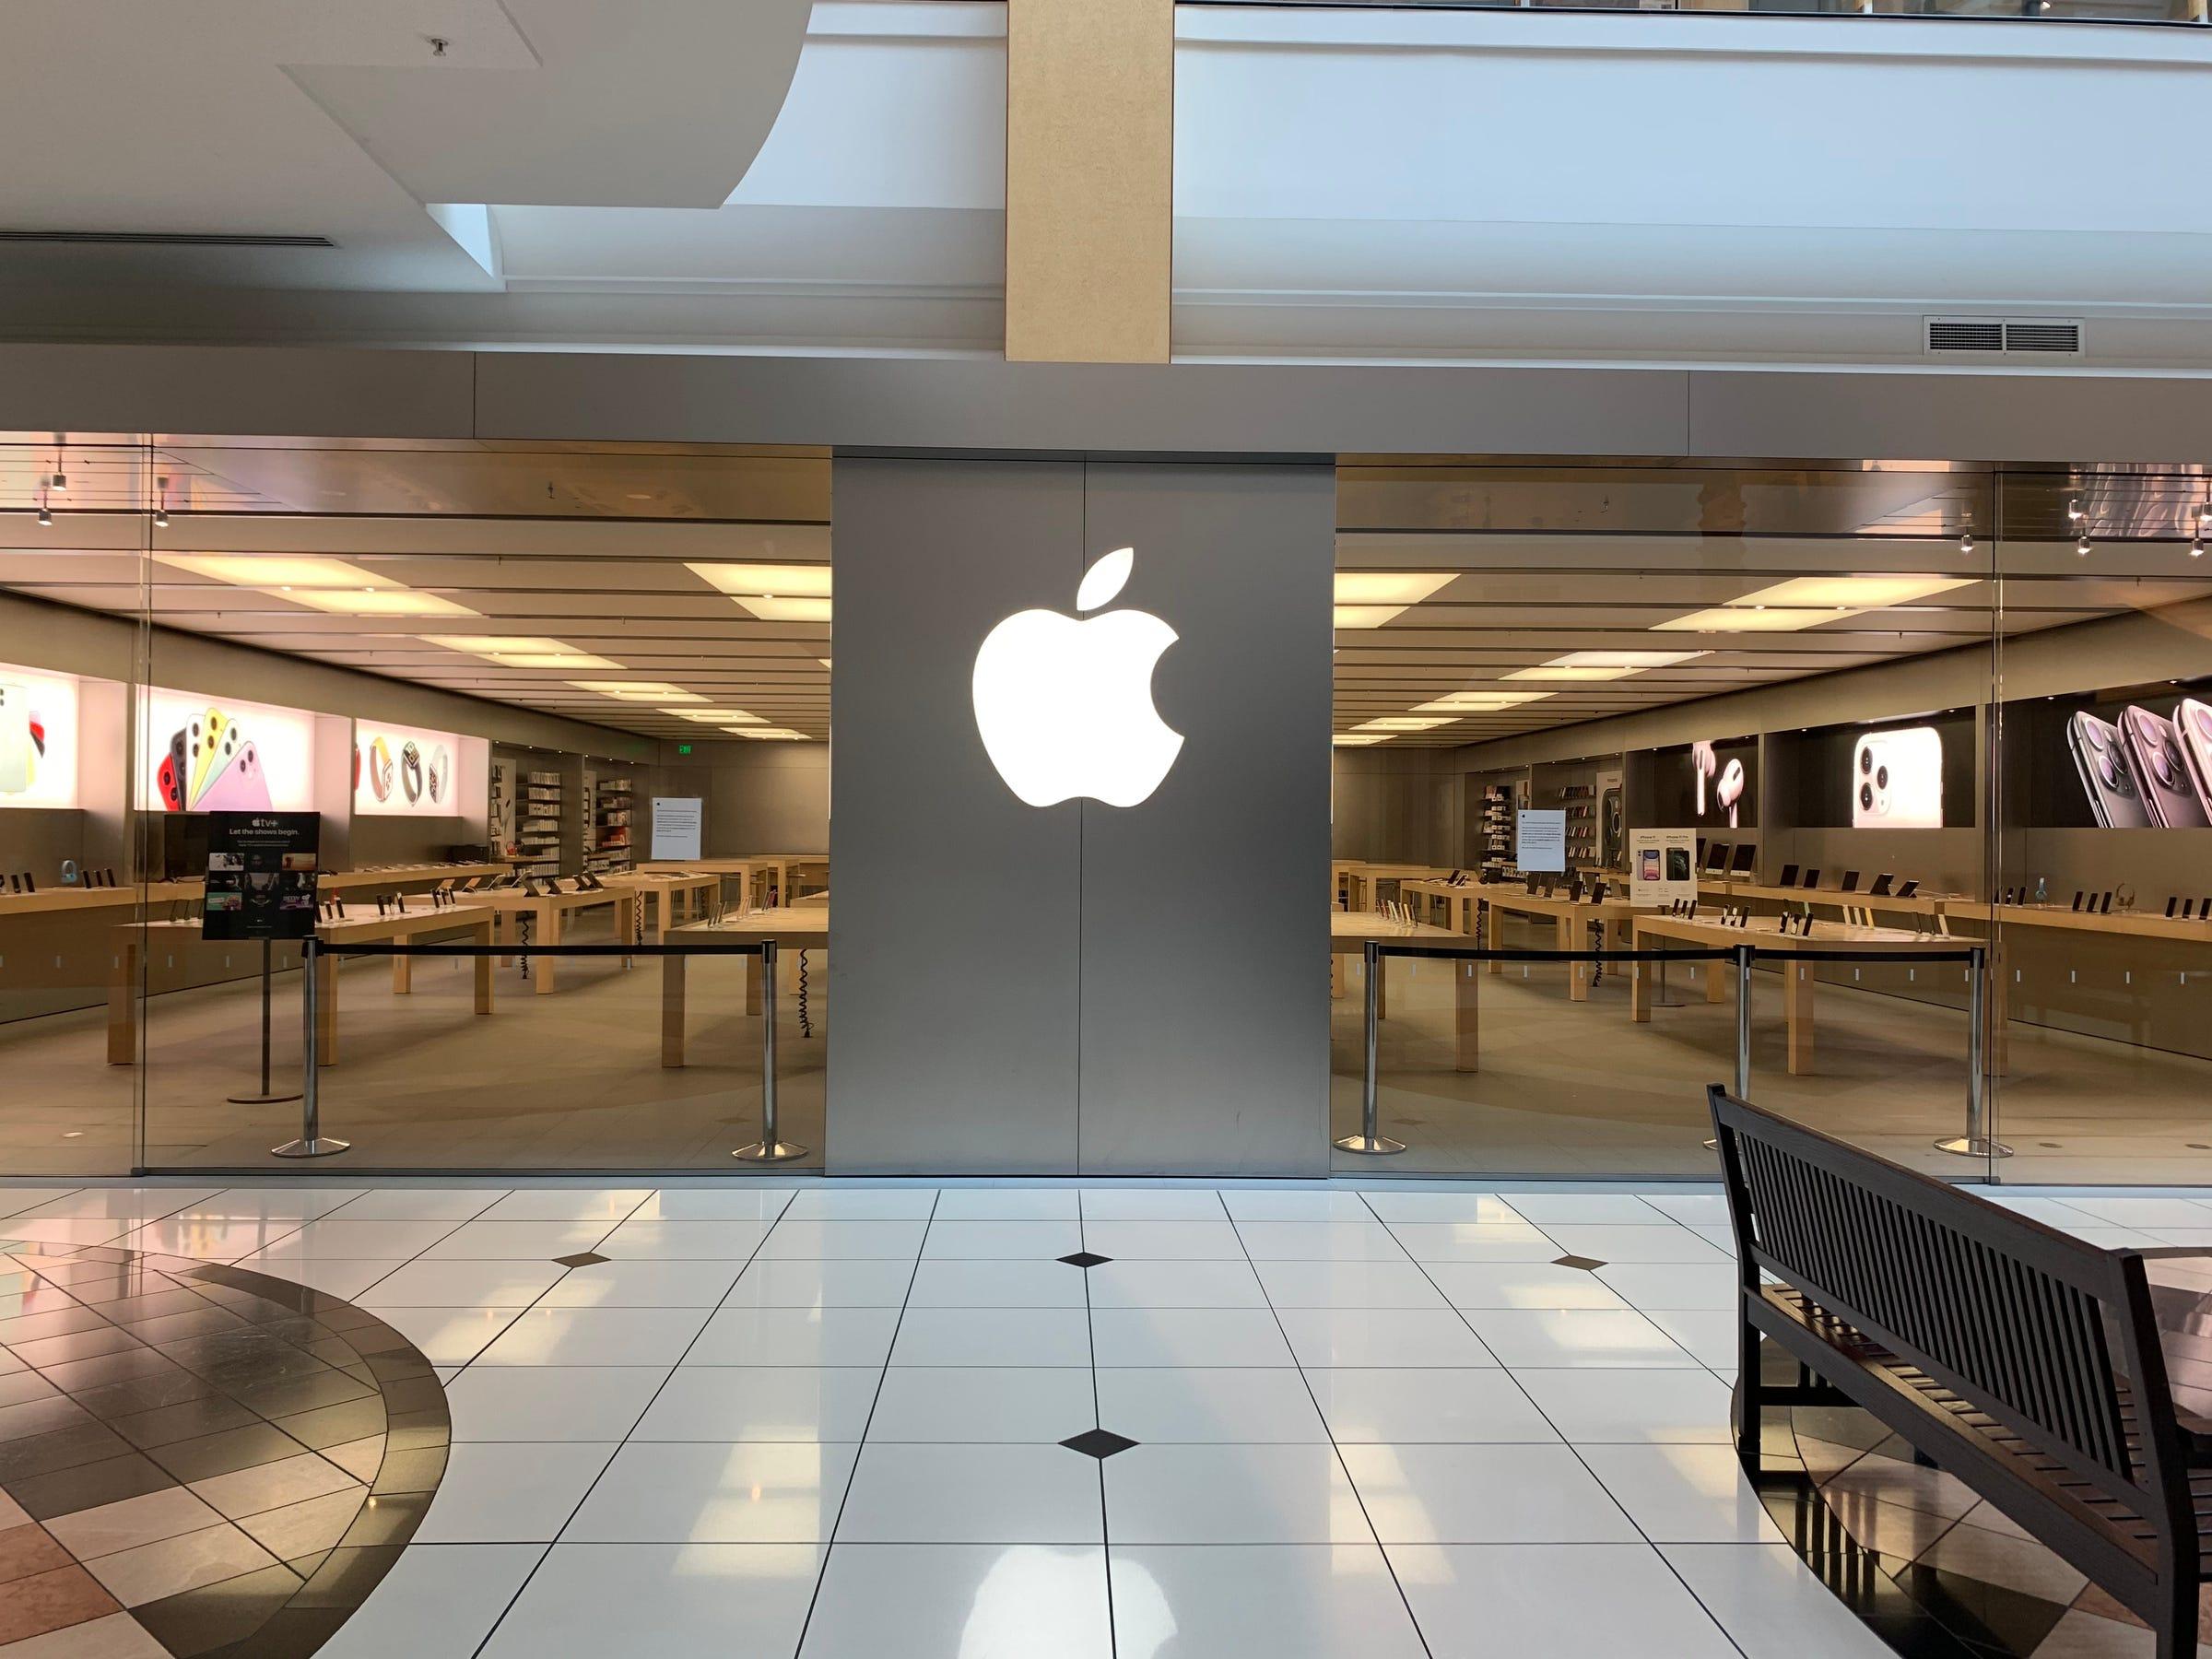 اپل به دلیل شیوع ویروس COVID-19 ، فروشگاه های بیشتری را تعطیل می کند کرونا